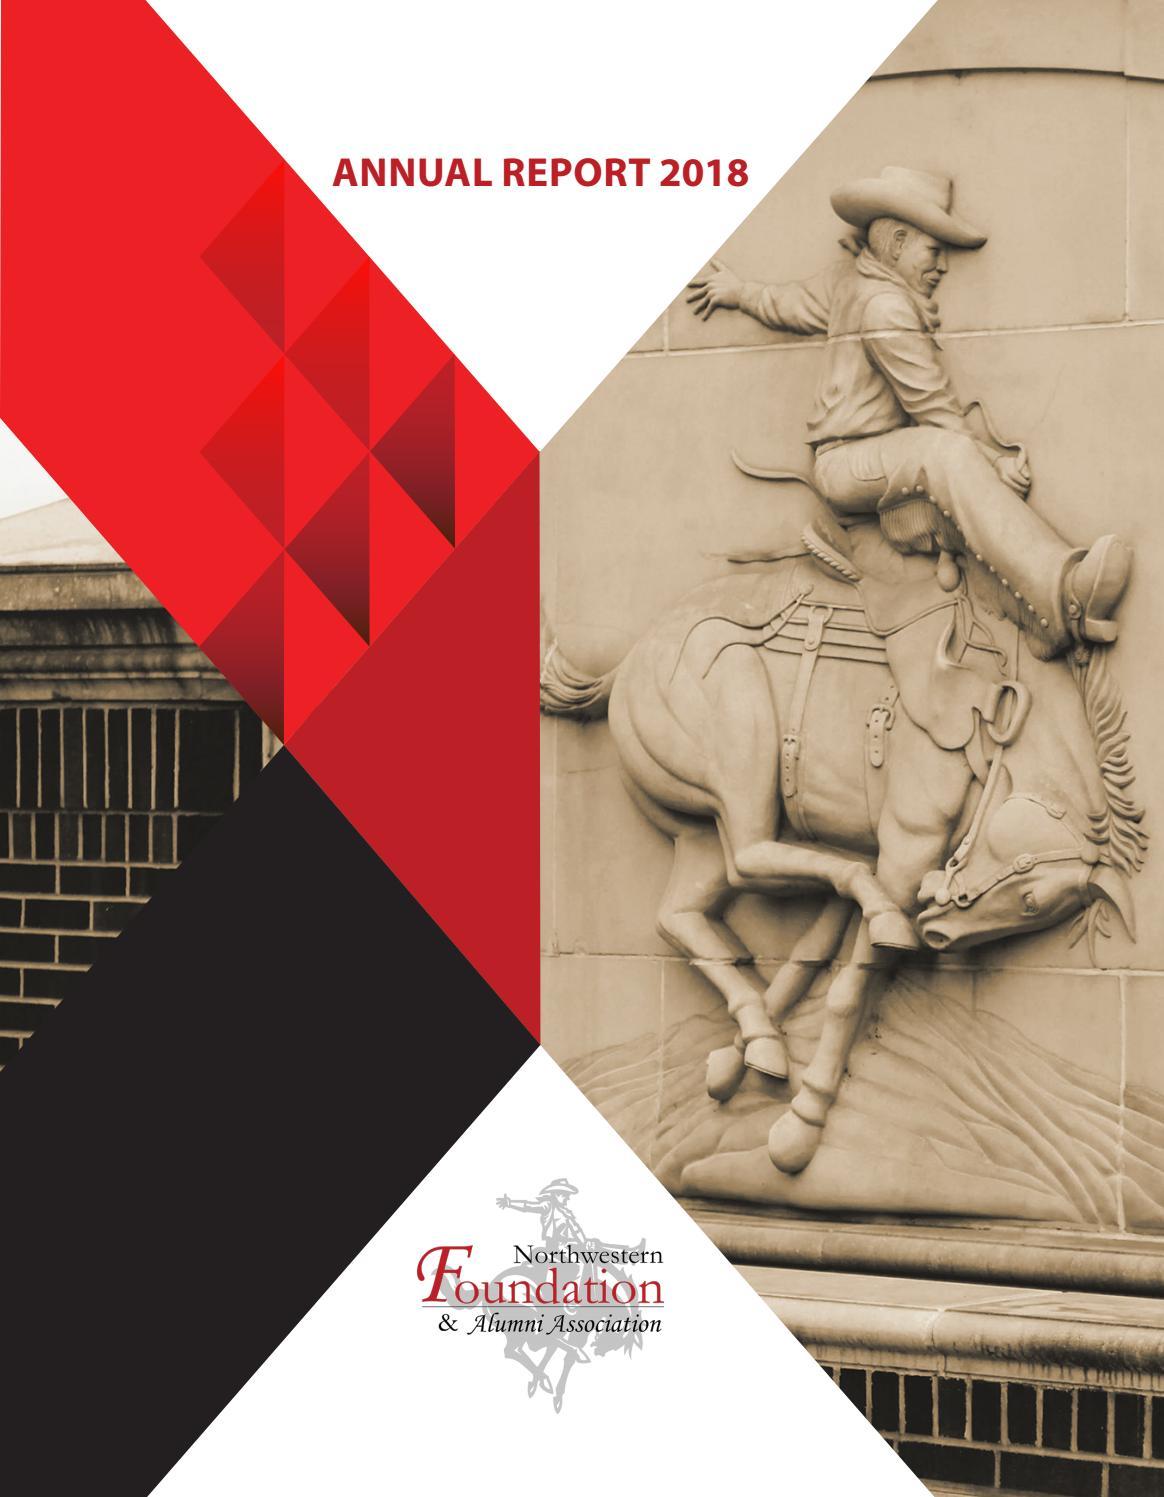 2018 Annual Report By Northwestern Foundation Alumni